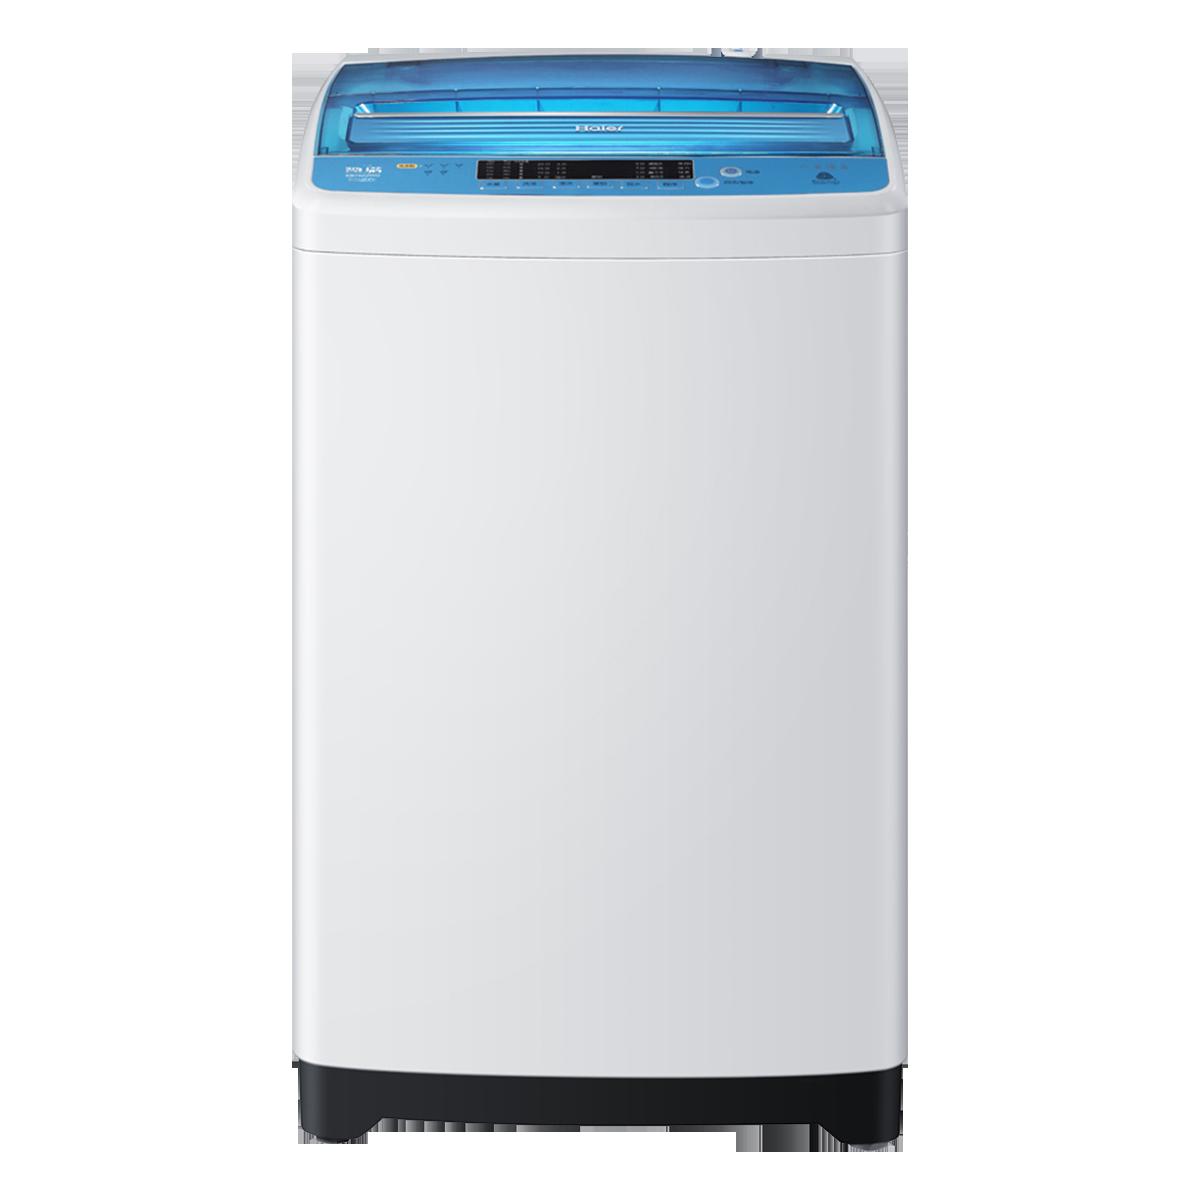 海尔Haier洗衣机 EB75Z2WD 说明书